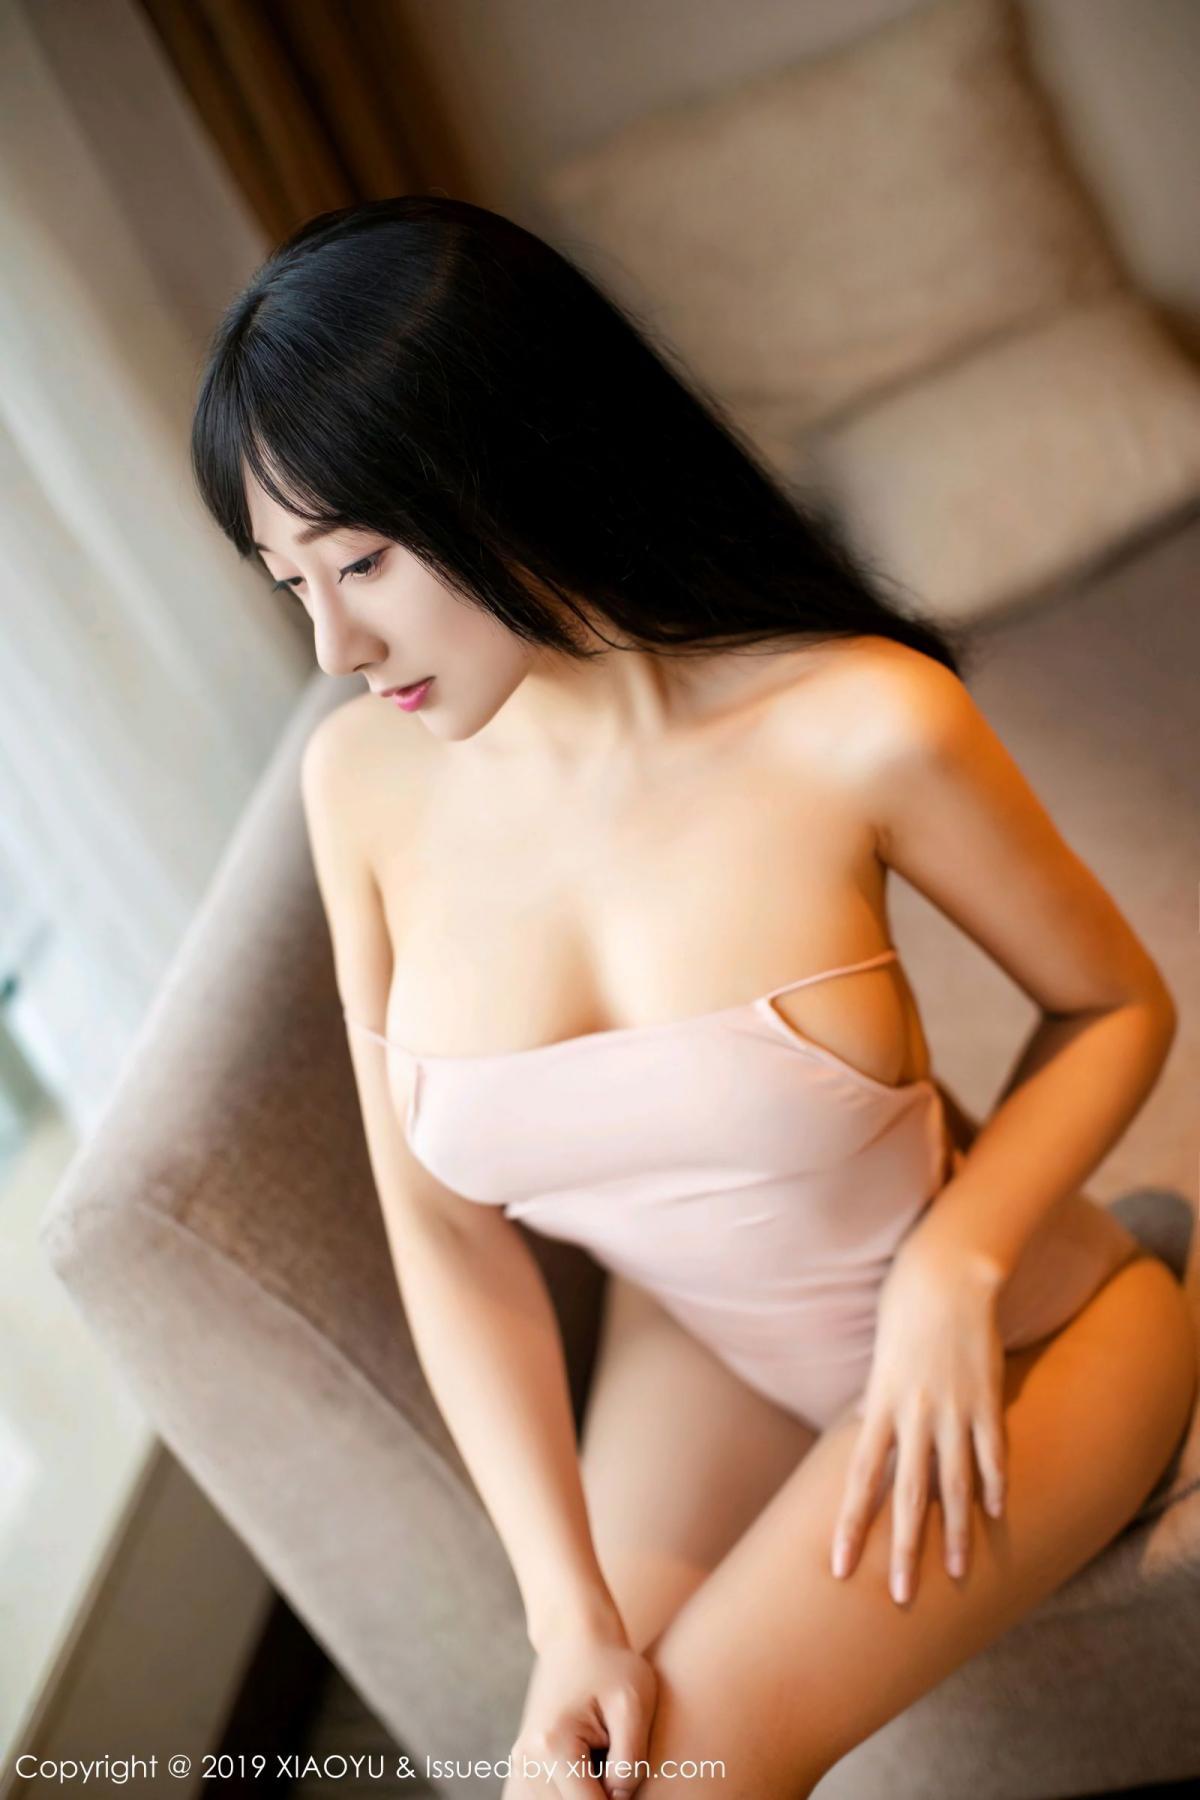 [XiaoYu] Vol.097 He Jia Ying 50P, He Jia Ying, Tall, XiaoYu